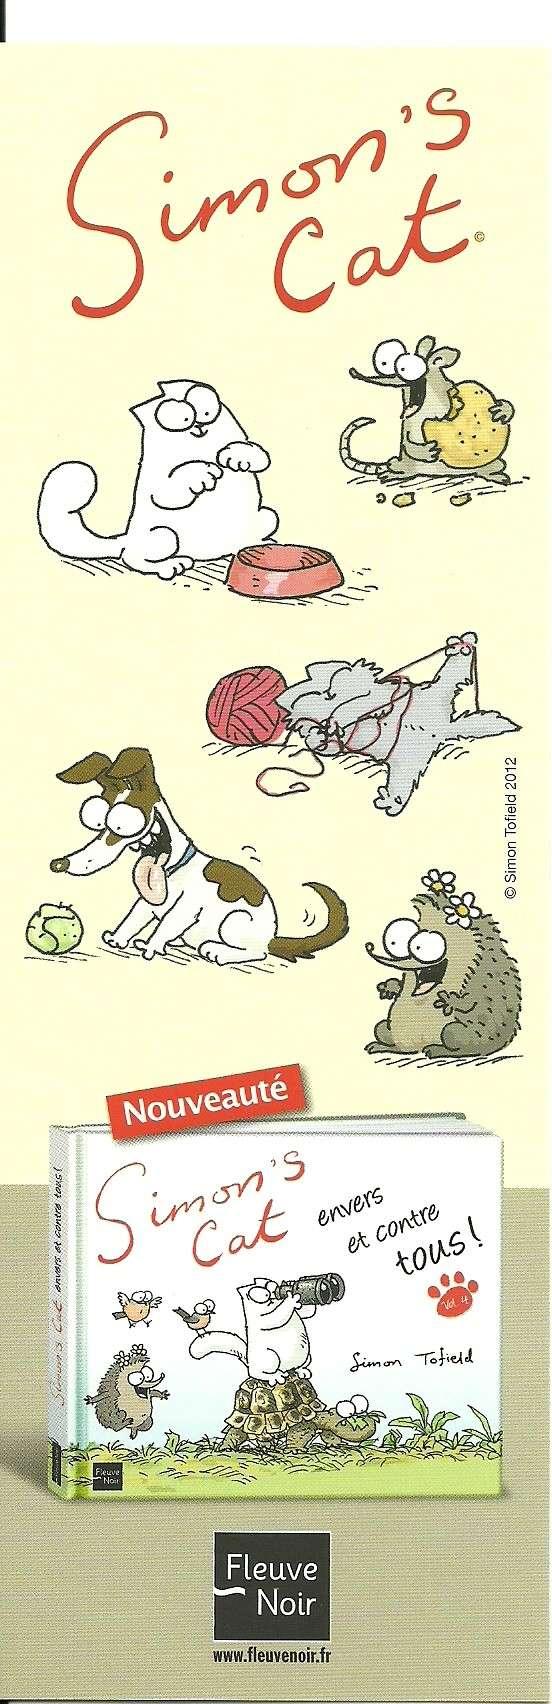 Doubles d'Alain Numar103